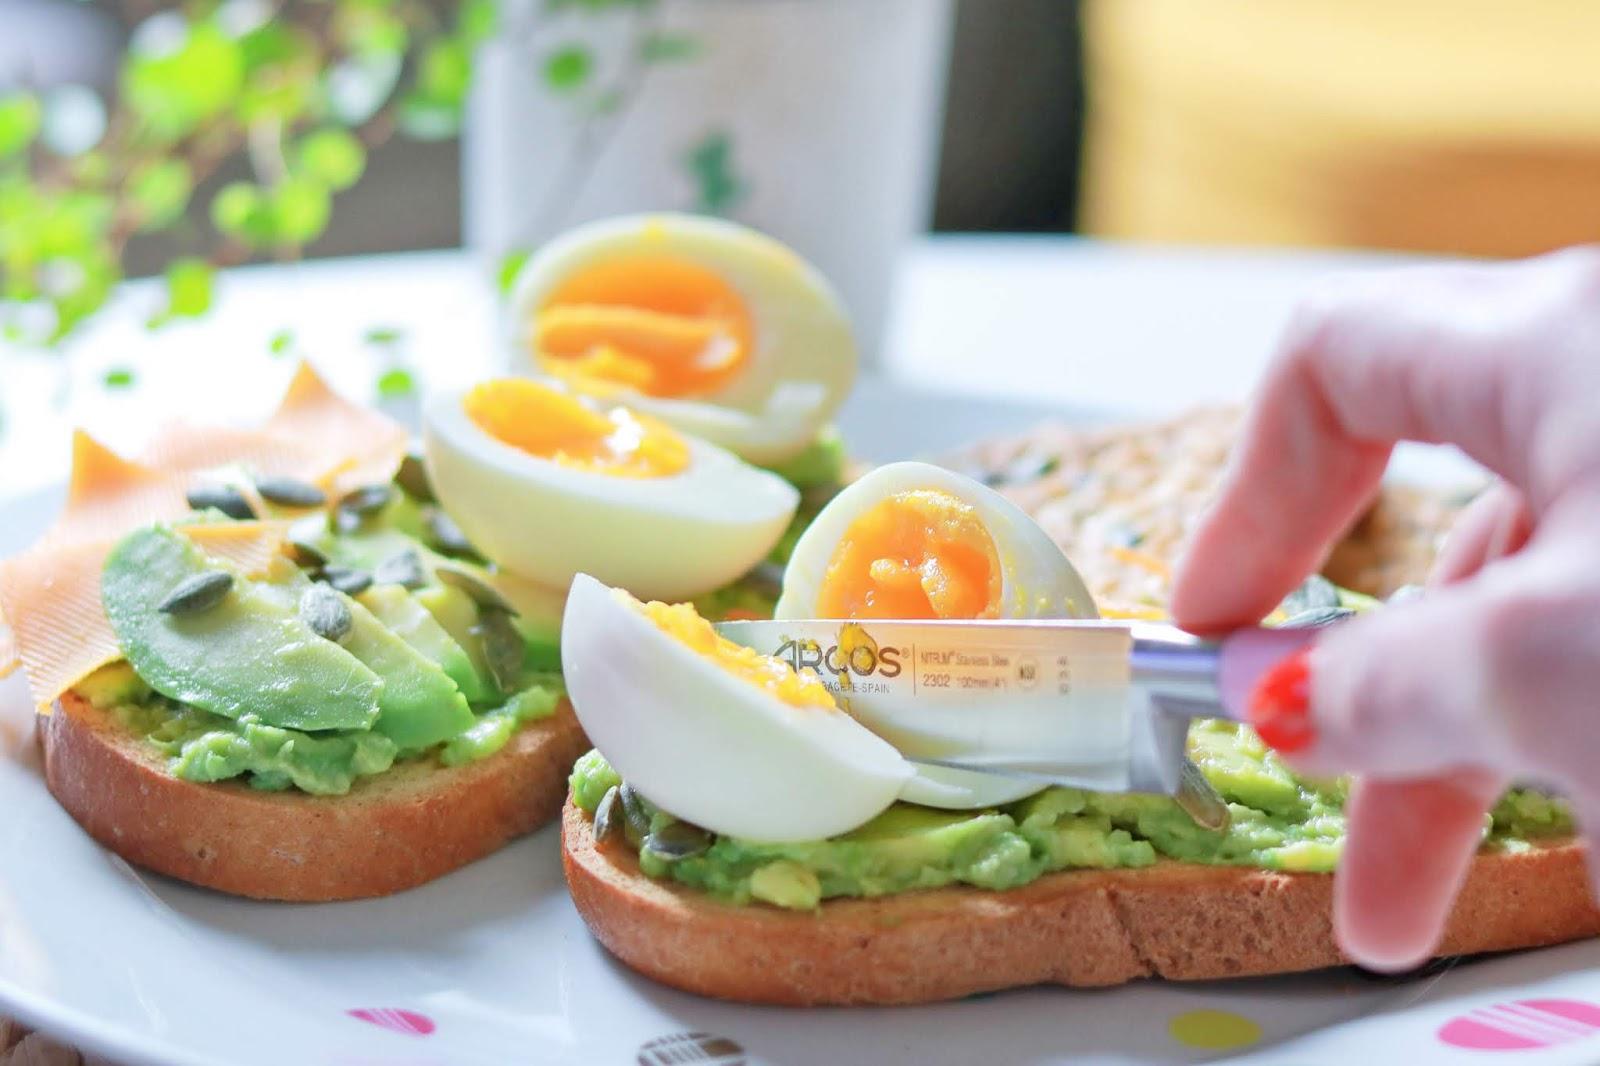 avocado toast avocat recette facile simple rapide brunch oeuf gretel box abonnement avis arcos les gommettes de melo ingrédients sans gluten